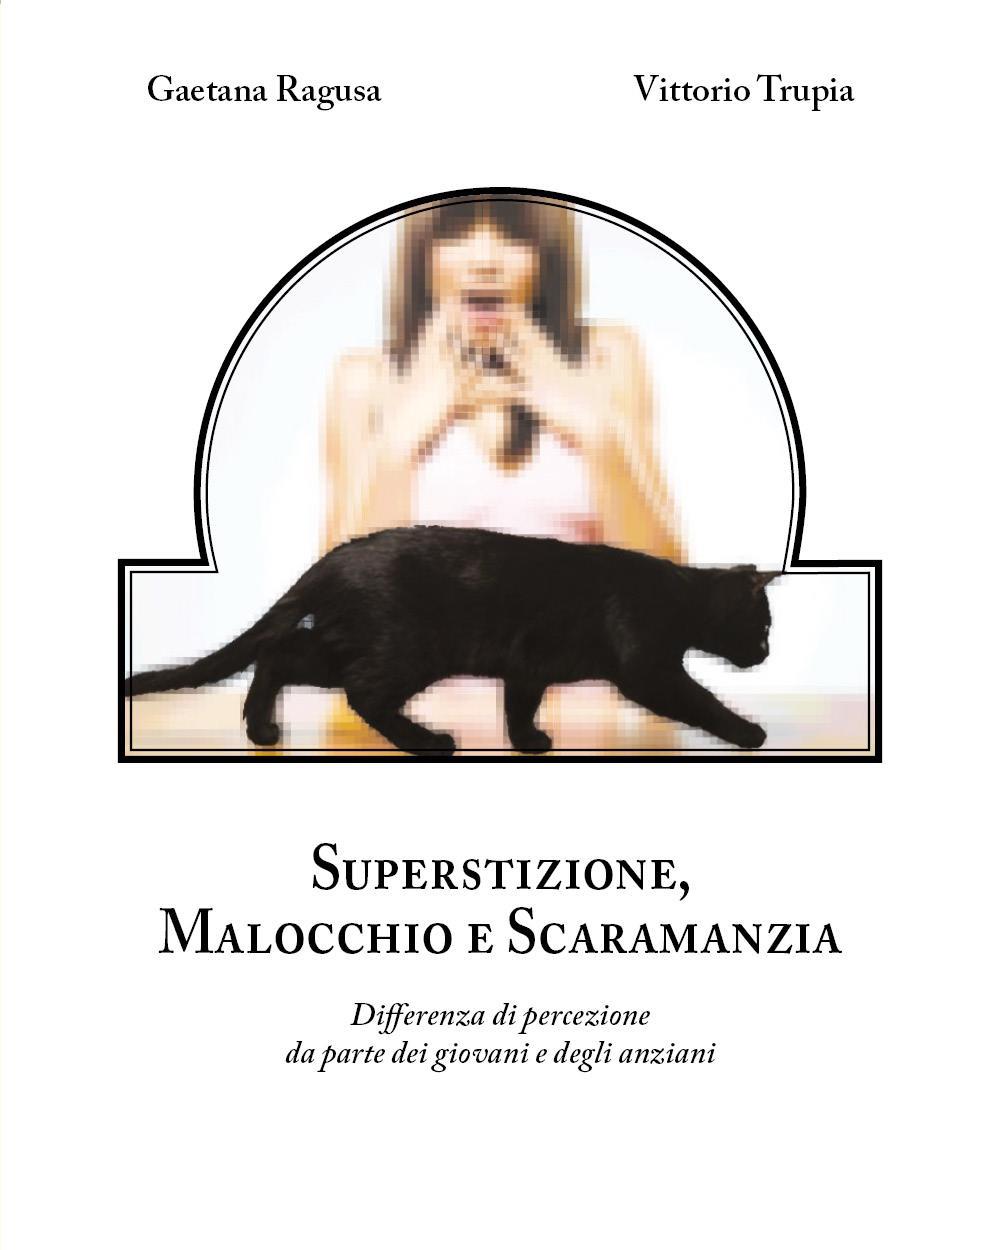 Superstizione, Malocchio e Scaramanzia